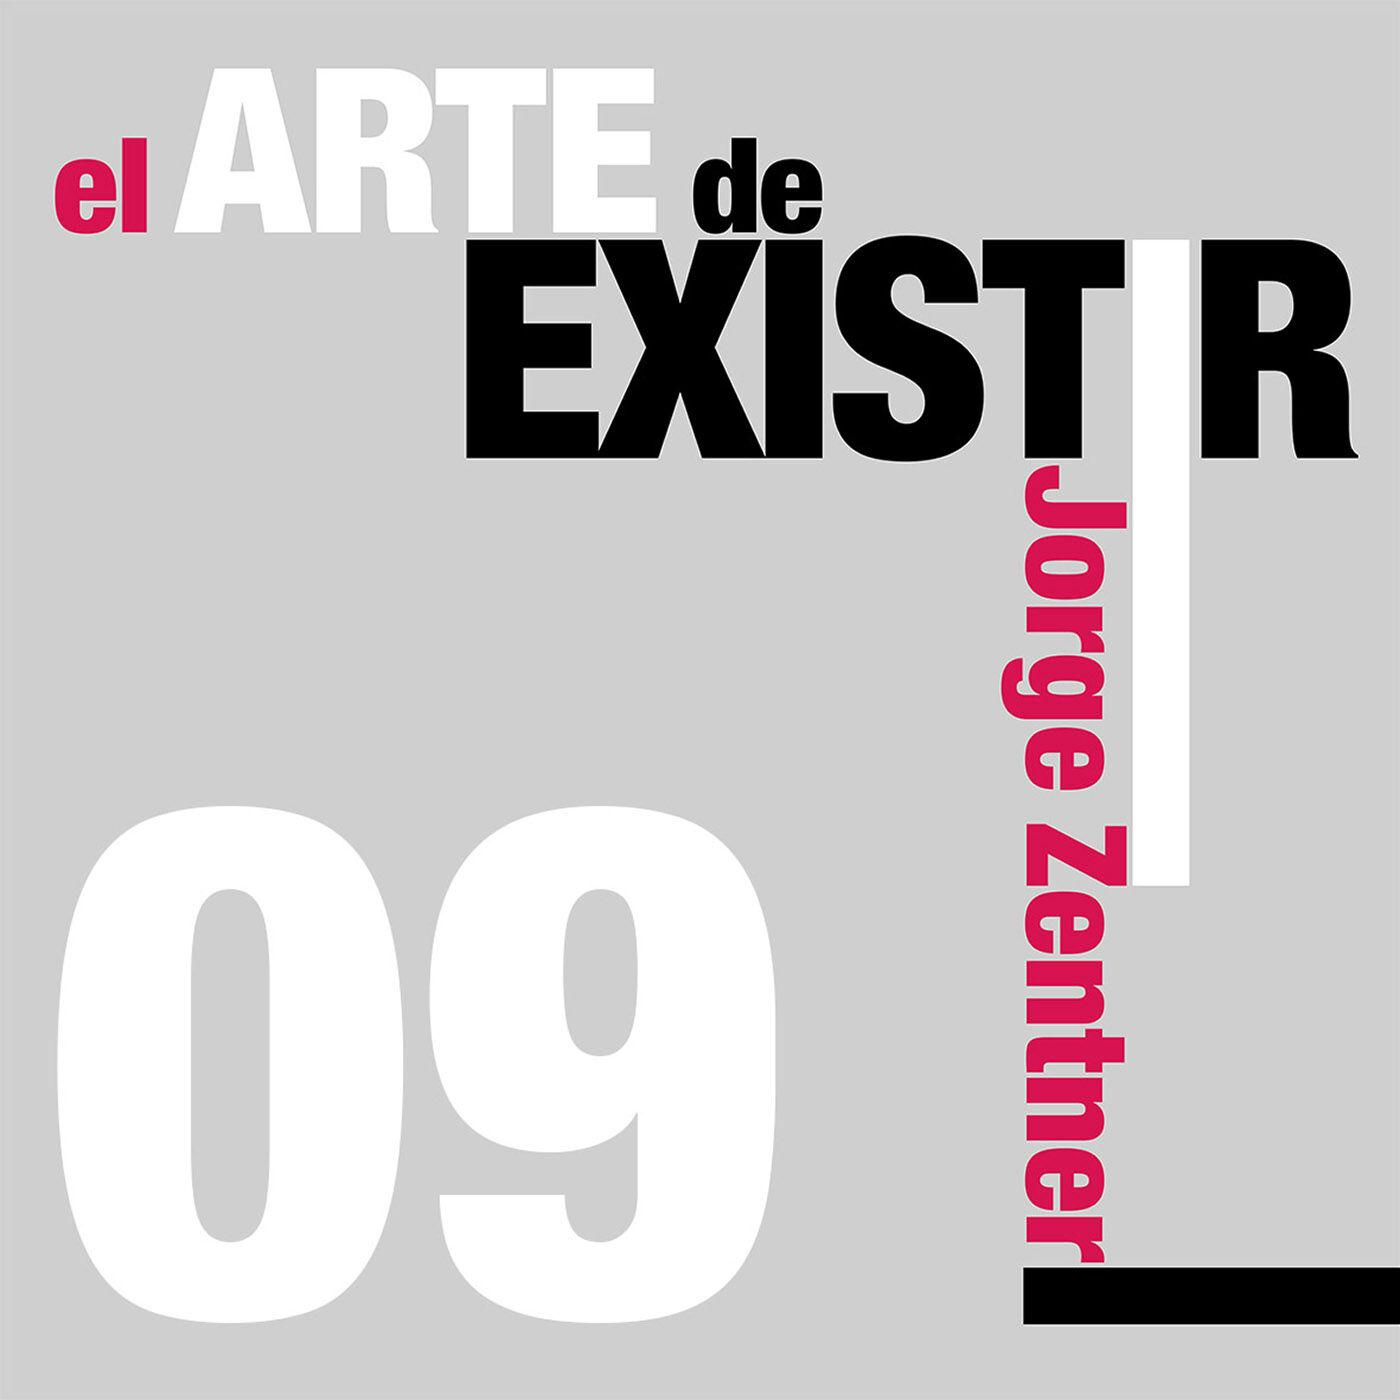 eAdE #09 - Fuente de creatividad